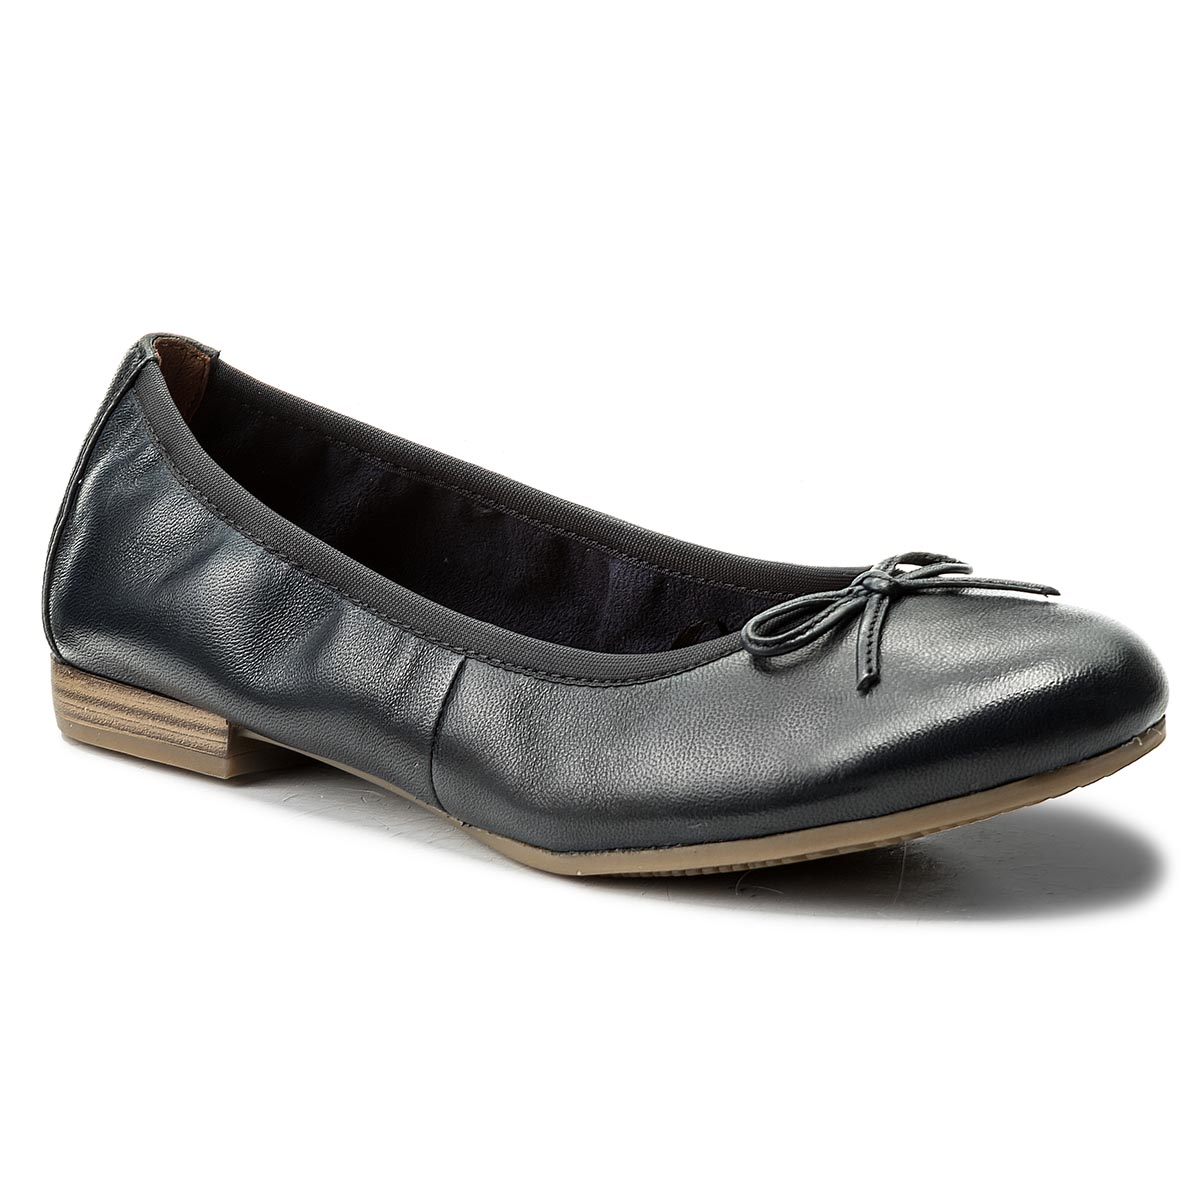 Flats TAMARIS 1 22116 20 Cognac Struct 372 Ballerina